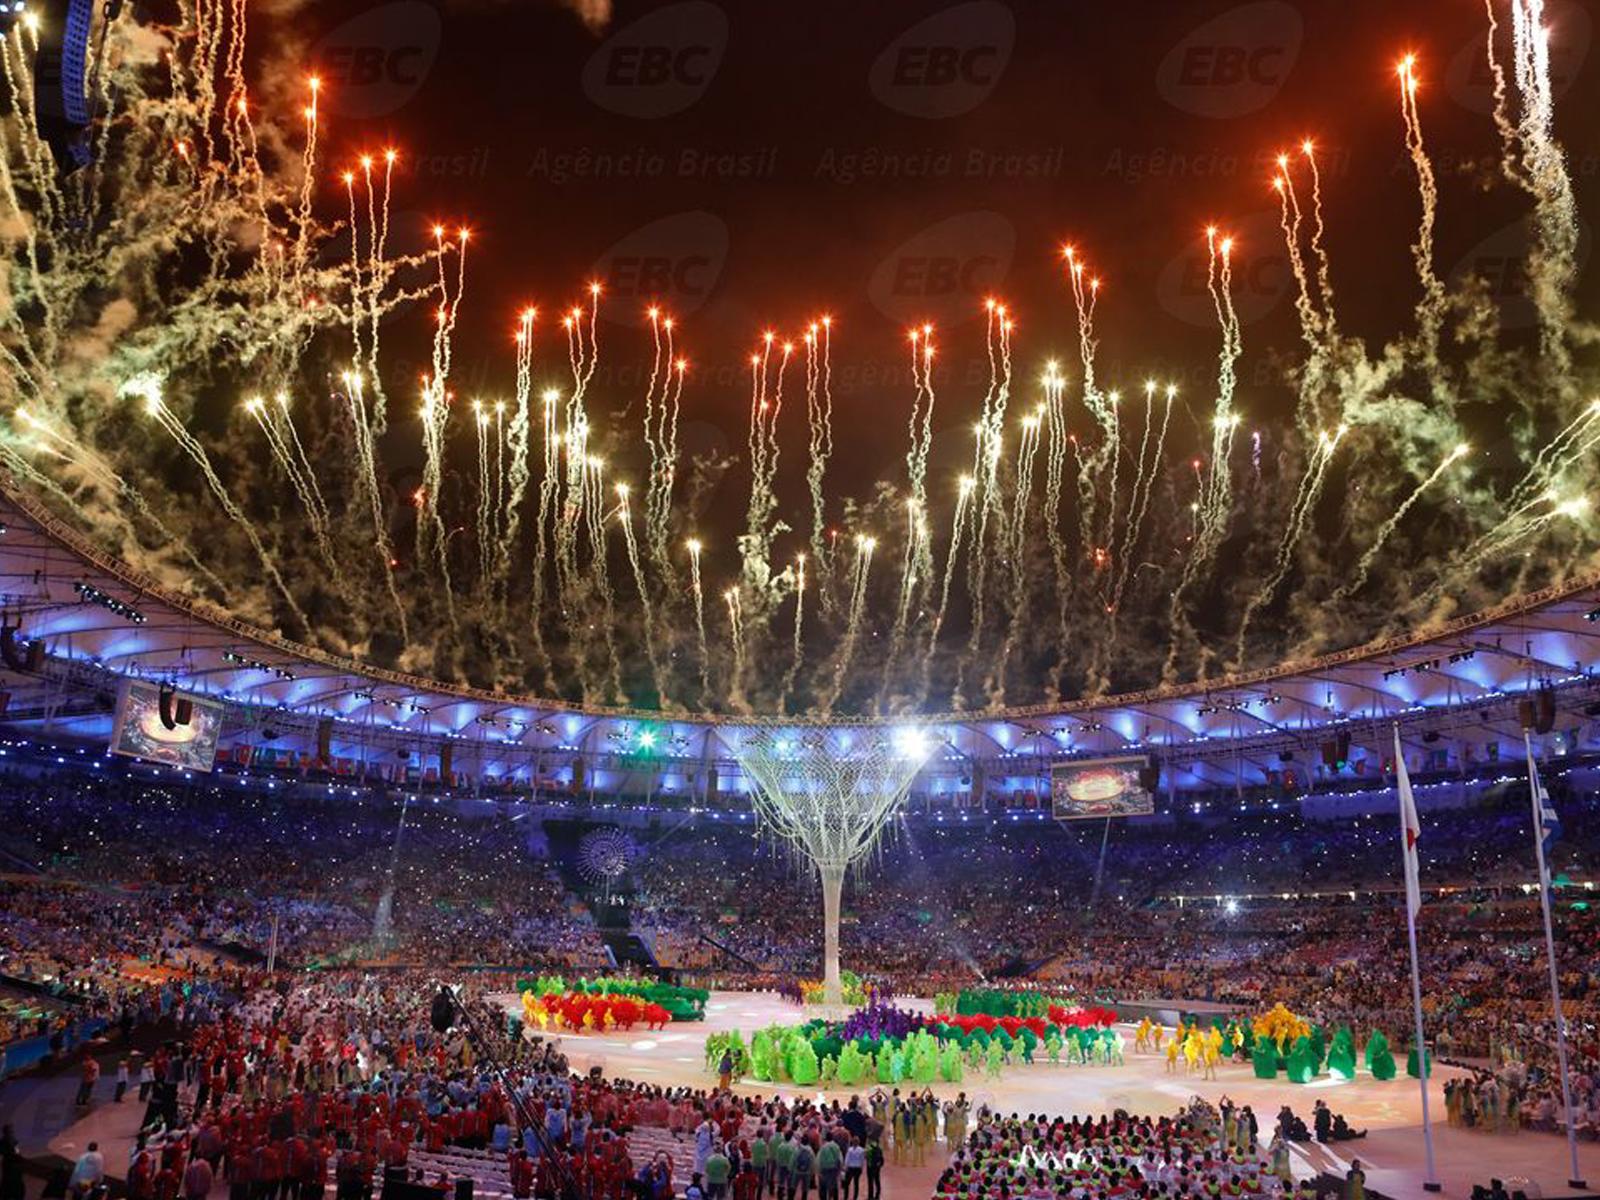 O que ficou dos jogos olímpicos no Brasil